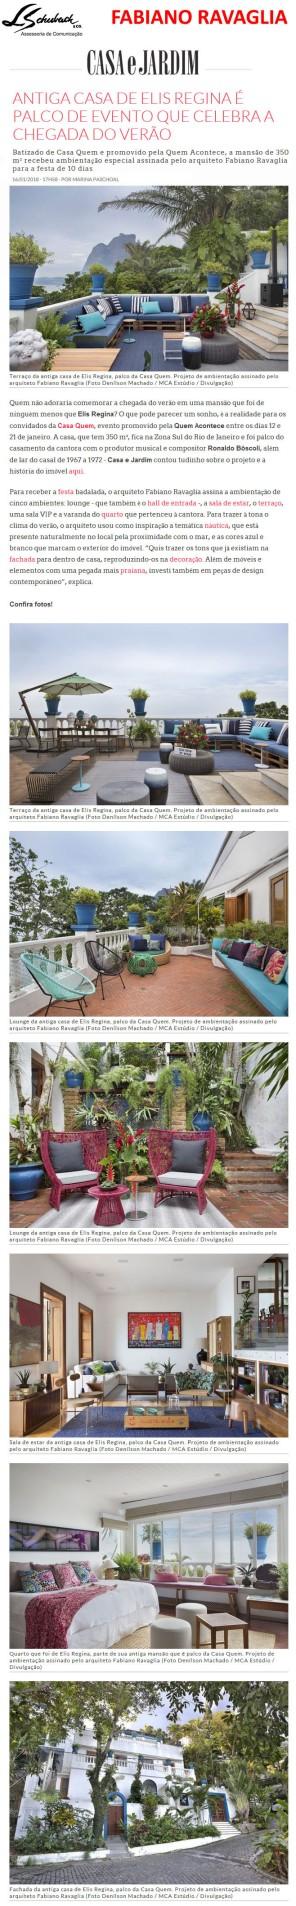 Projeto do arquiteto FABIANO RAVAGLIA no site da Casa e Jardim em 16 de janeiro de 2018